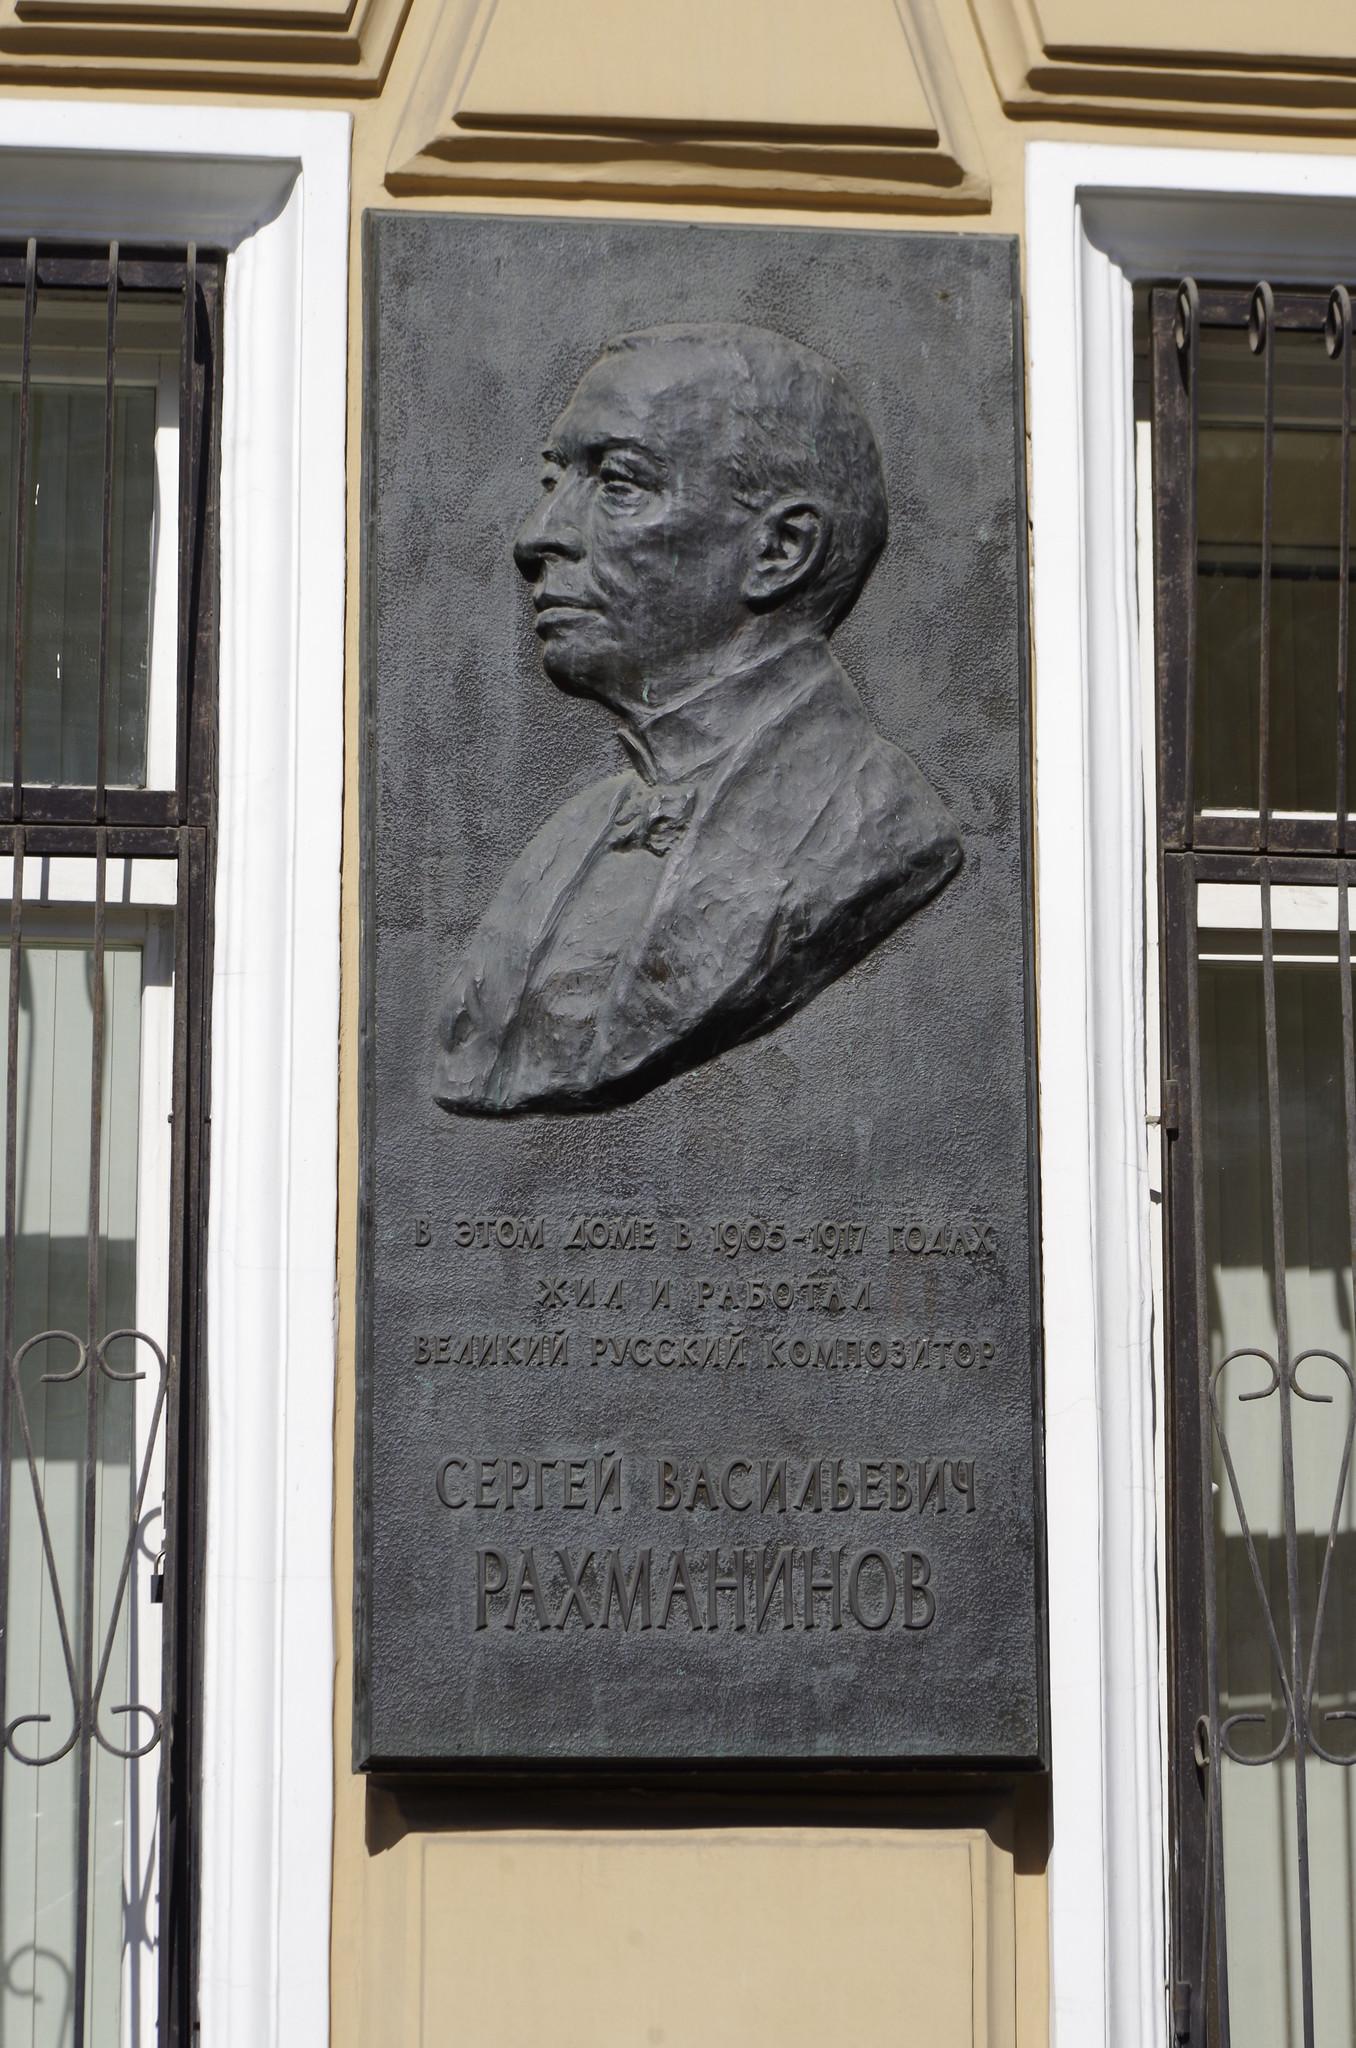 Мемориальная доска работы скульптора Н.И. Нисс-Гольдман установлена на фасаде дома № 5 по Страстному бульвару в Москве, где жил и работал Сергей Рахманинов